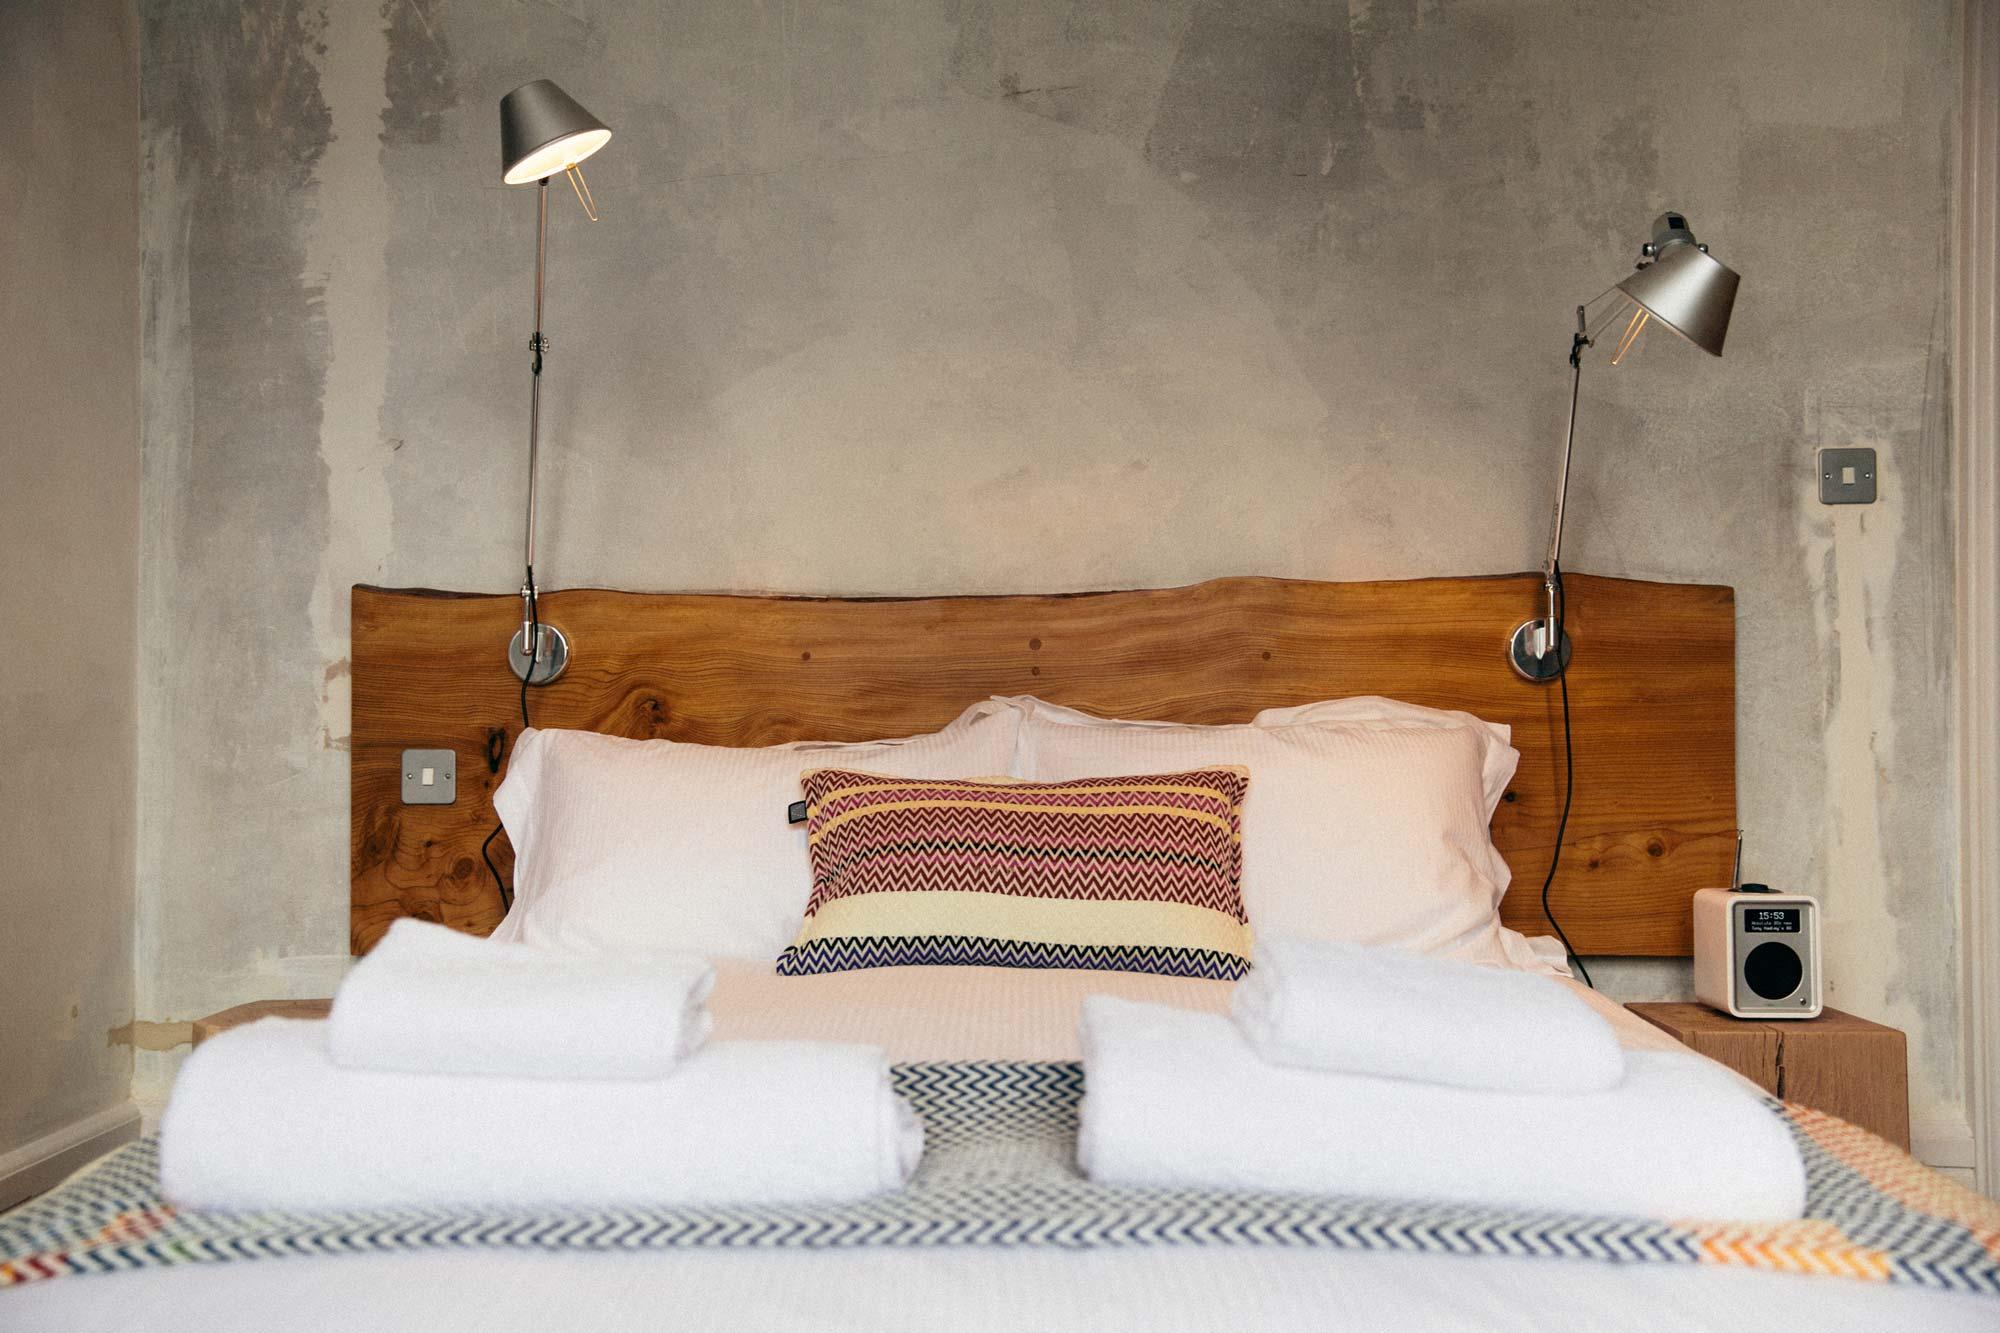 Bedrooms. Bedrooms   The Culpeper